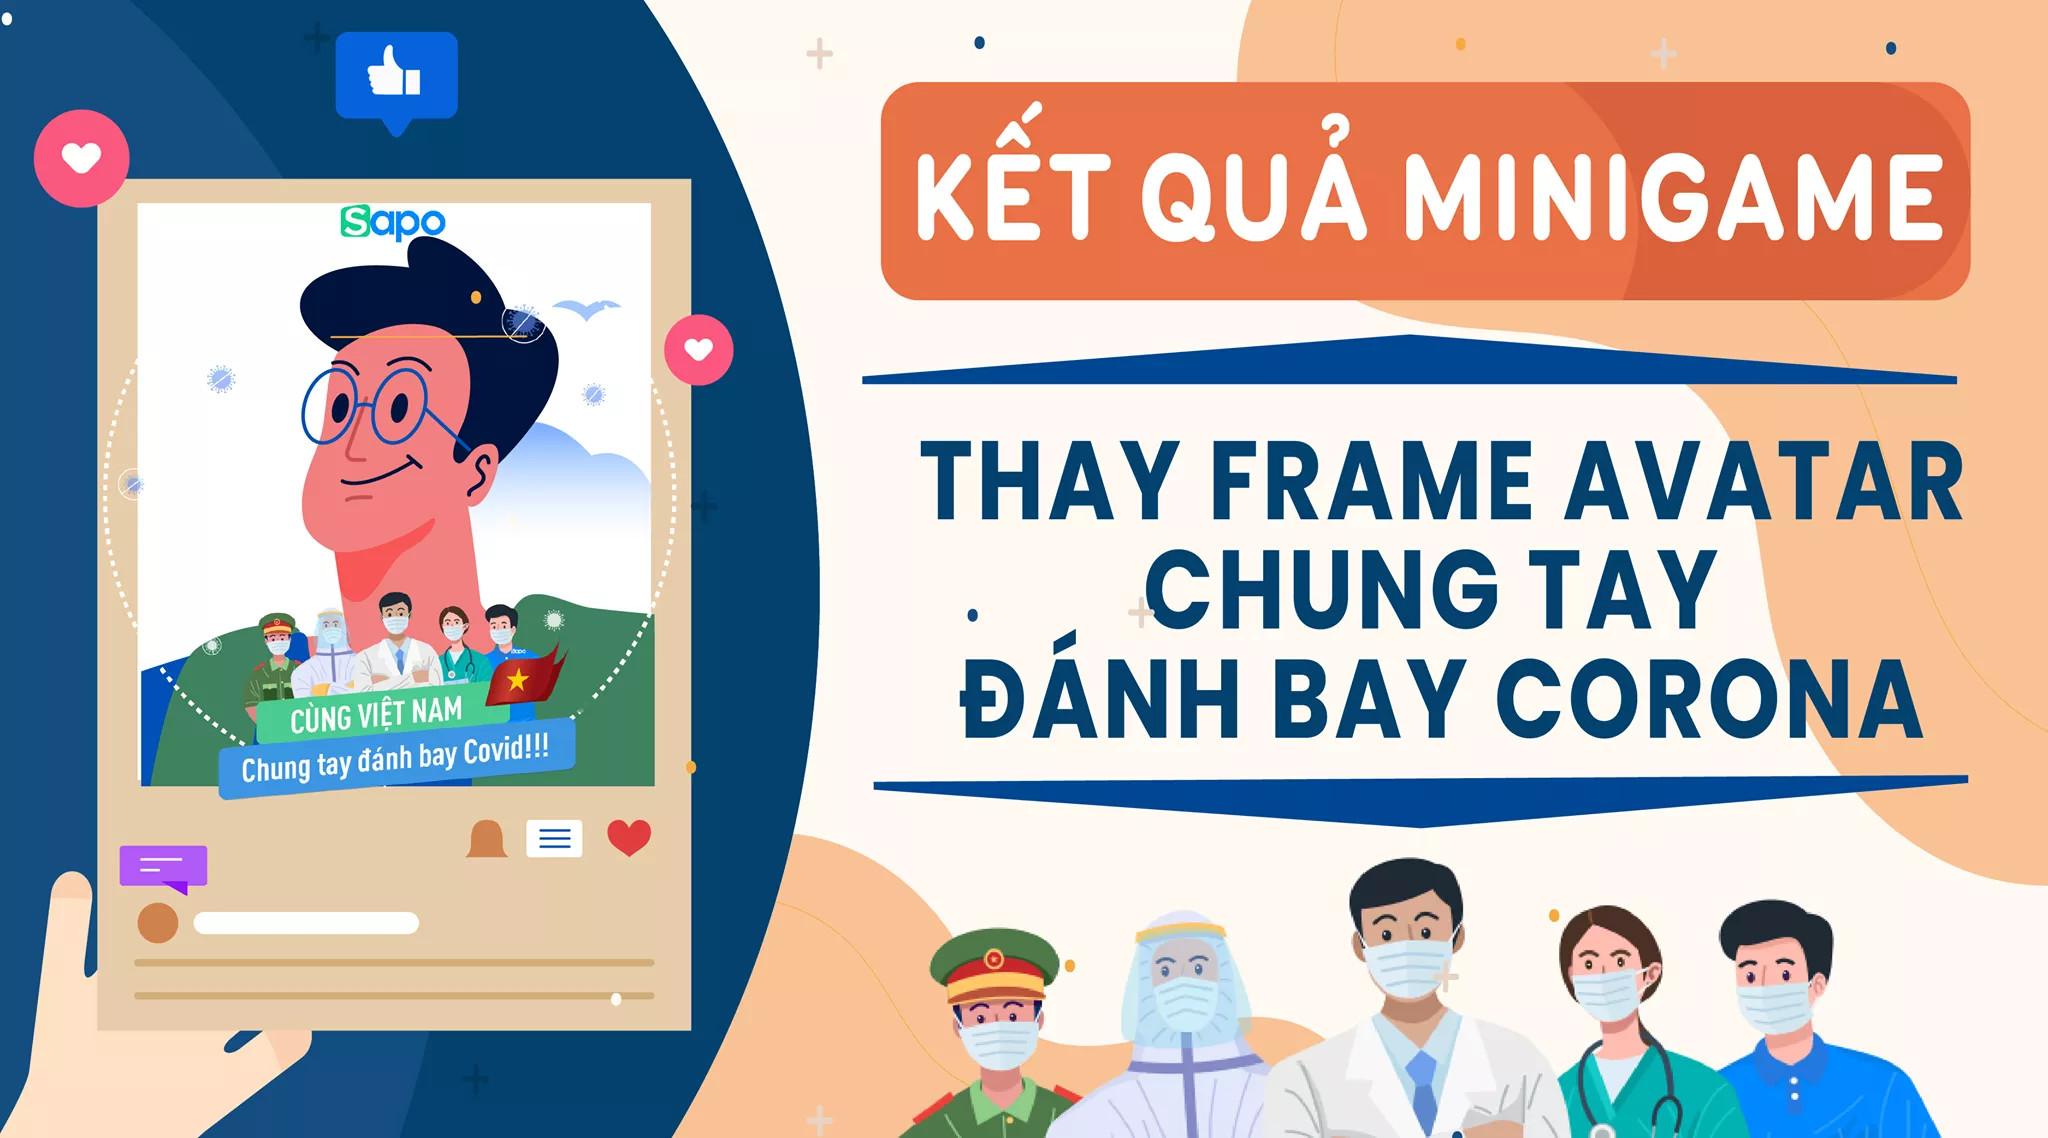 Kết quả Minigame: Thay Frame avatar - Chung tay đánh bay Corona.